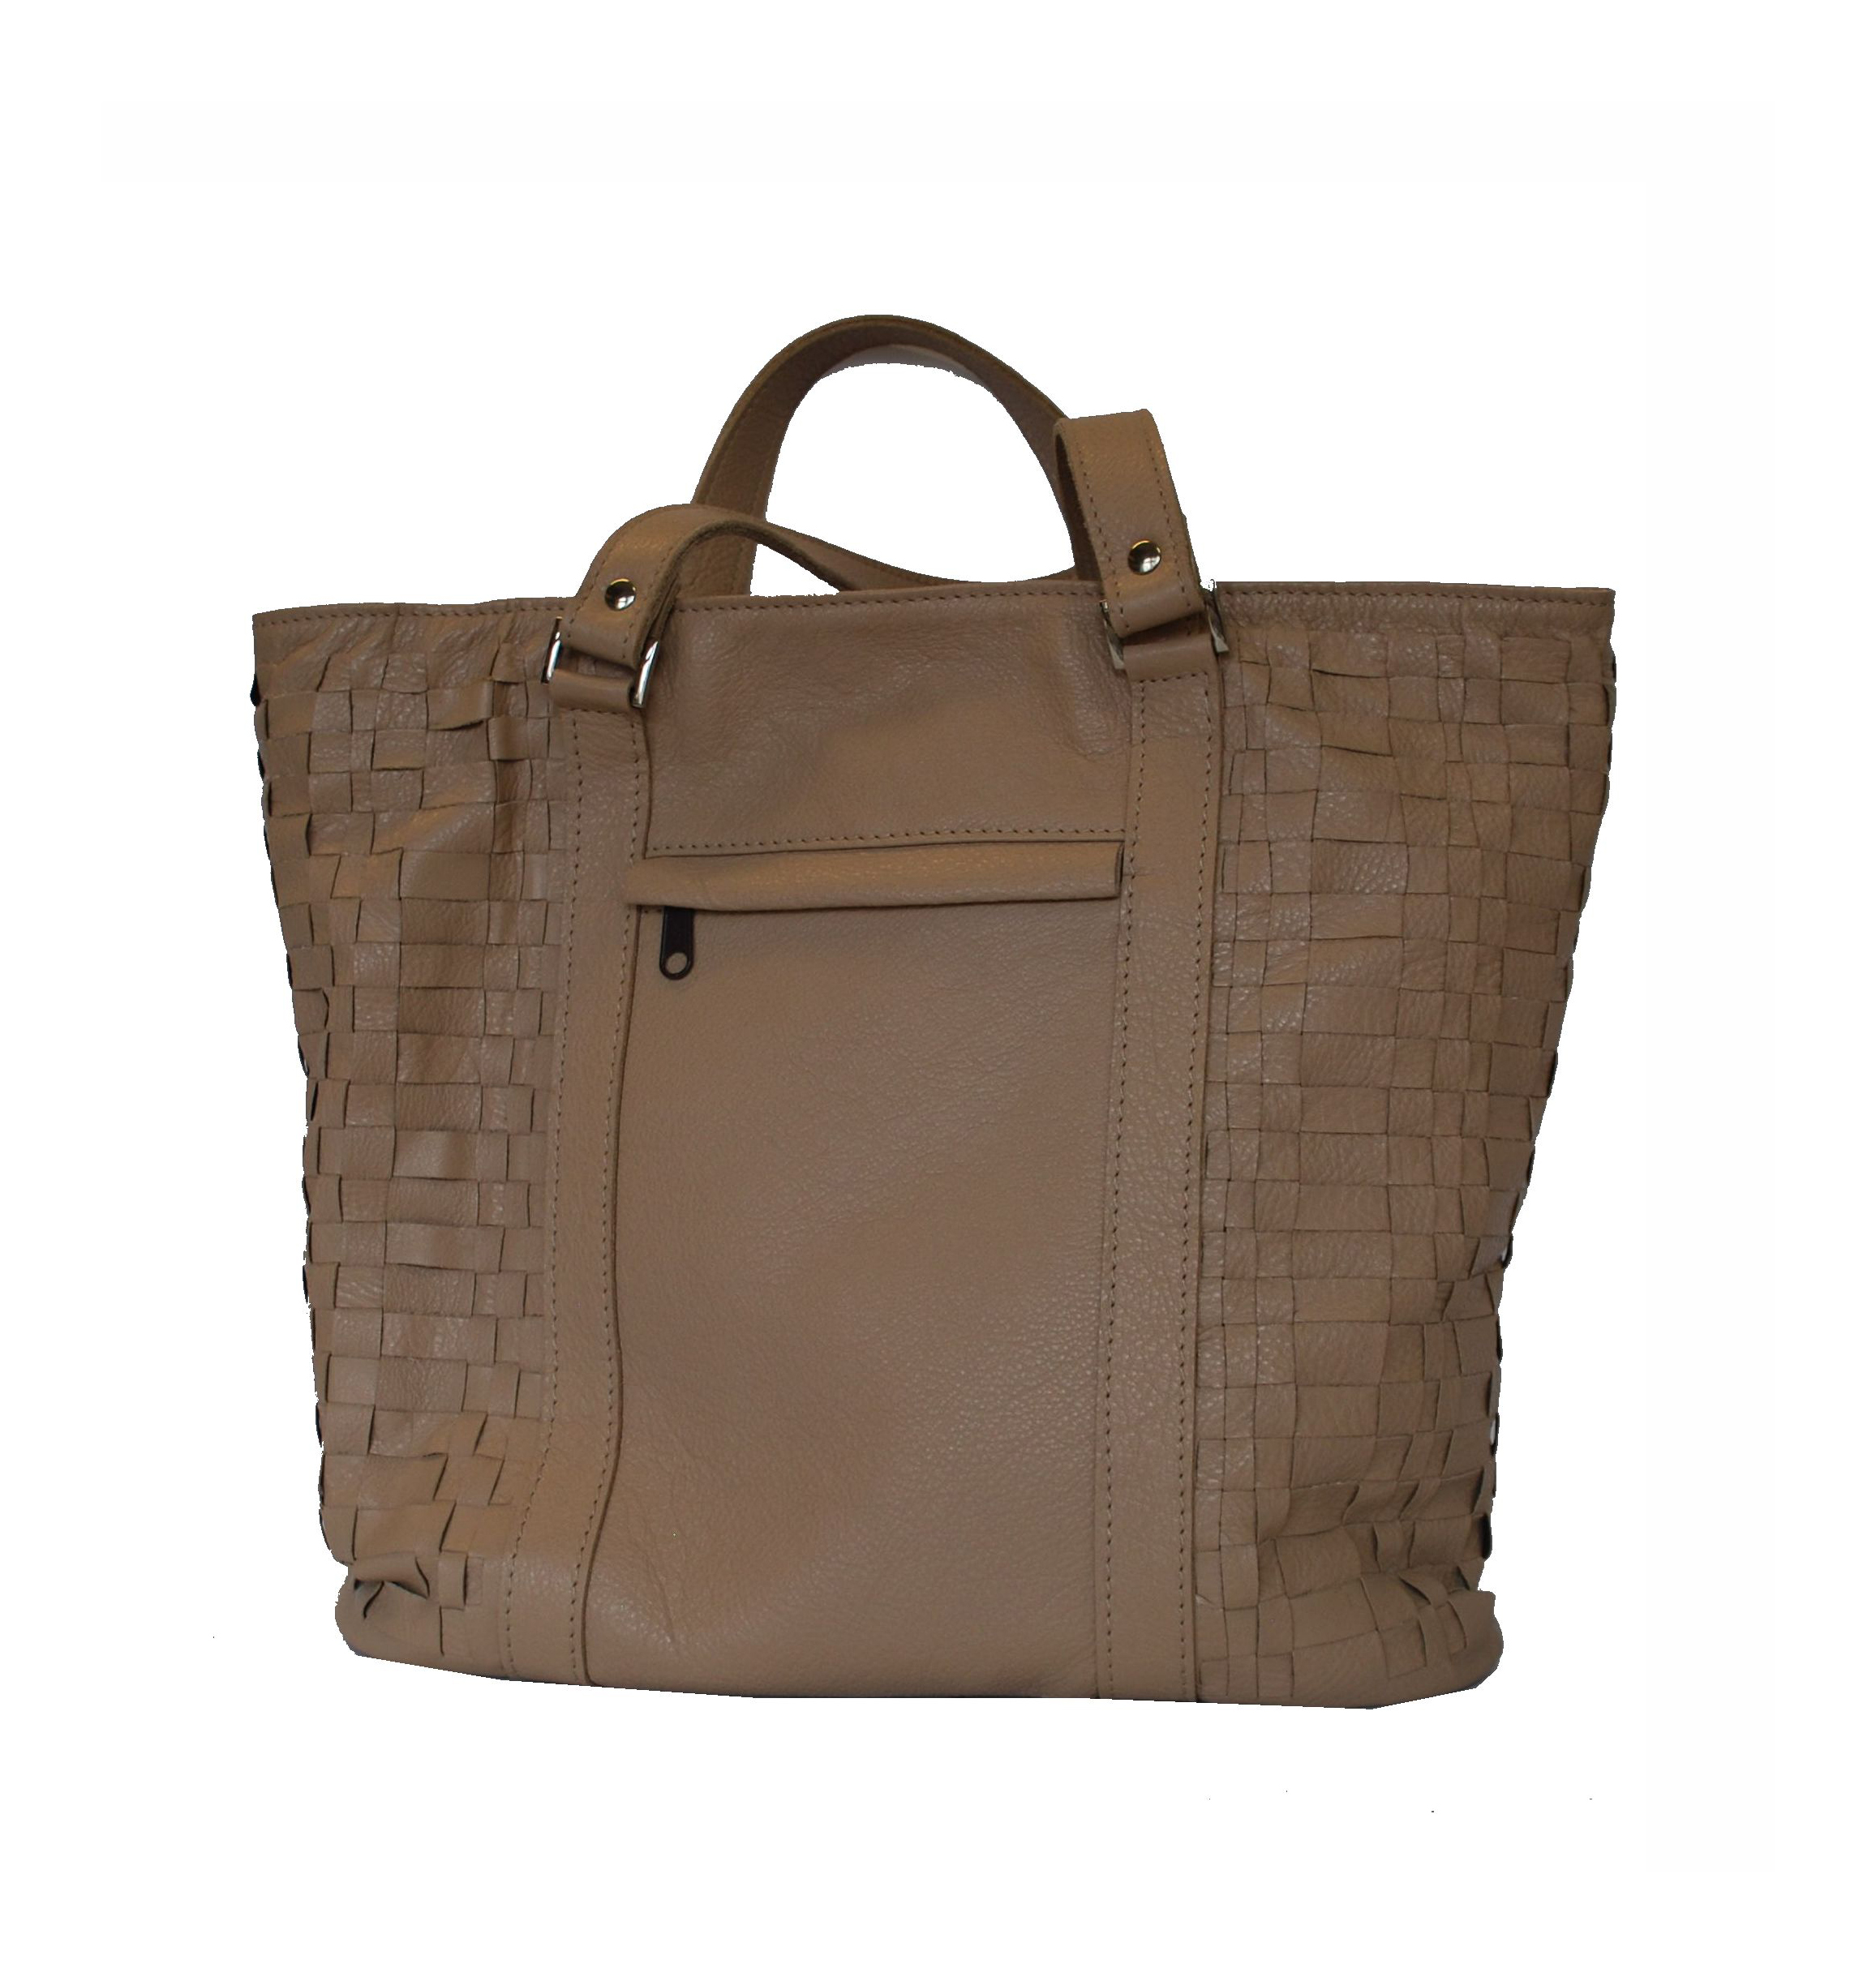 2f9891abde Elegantná tkaná kožená kabelka v čiernej farbe vyrobená z talianskej ...